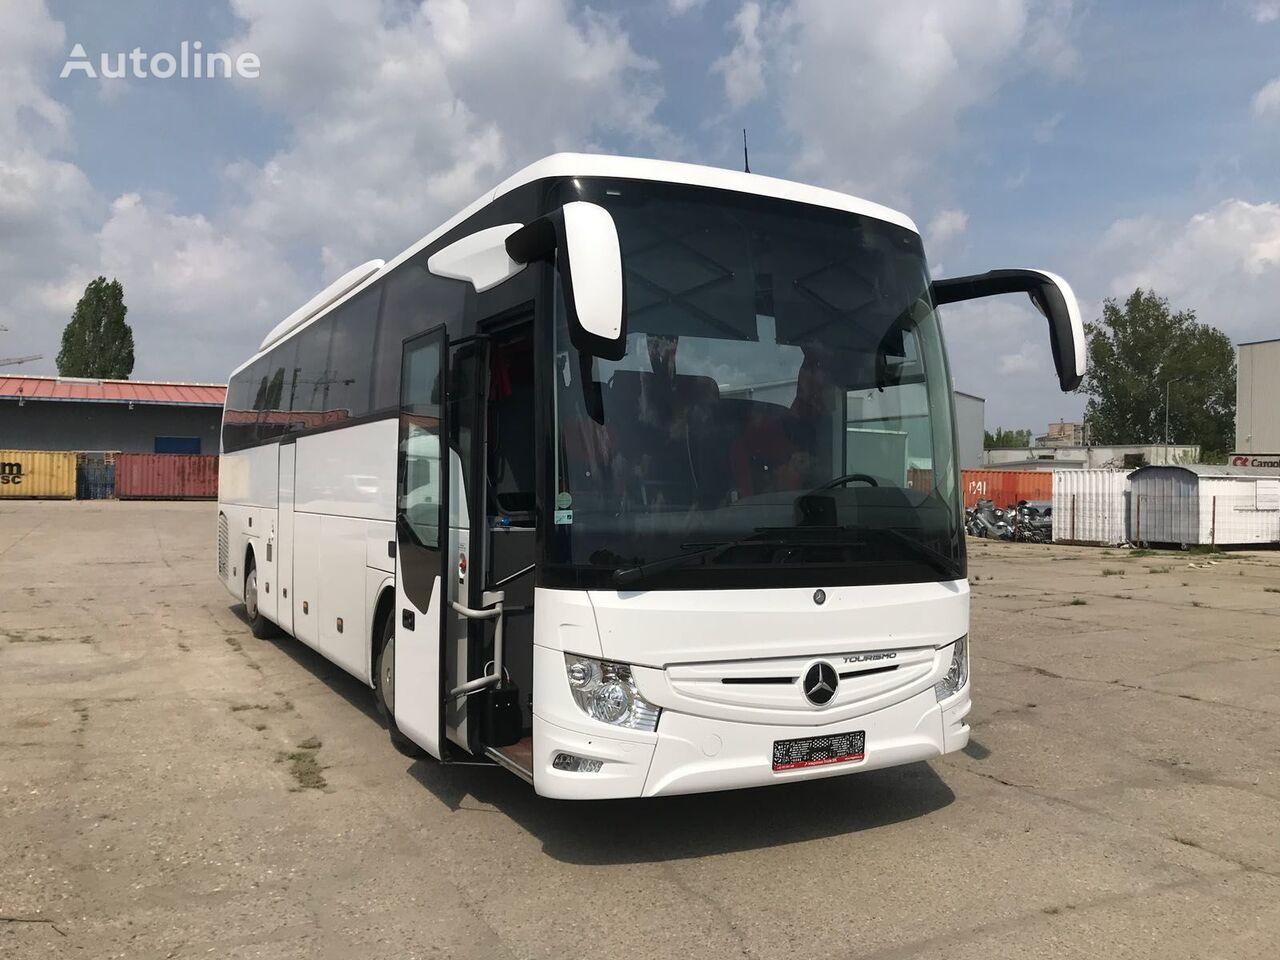 MERCEDES-BENZ TOURISMO 15  coach bus